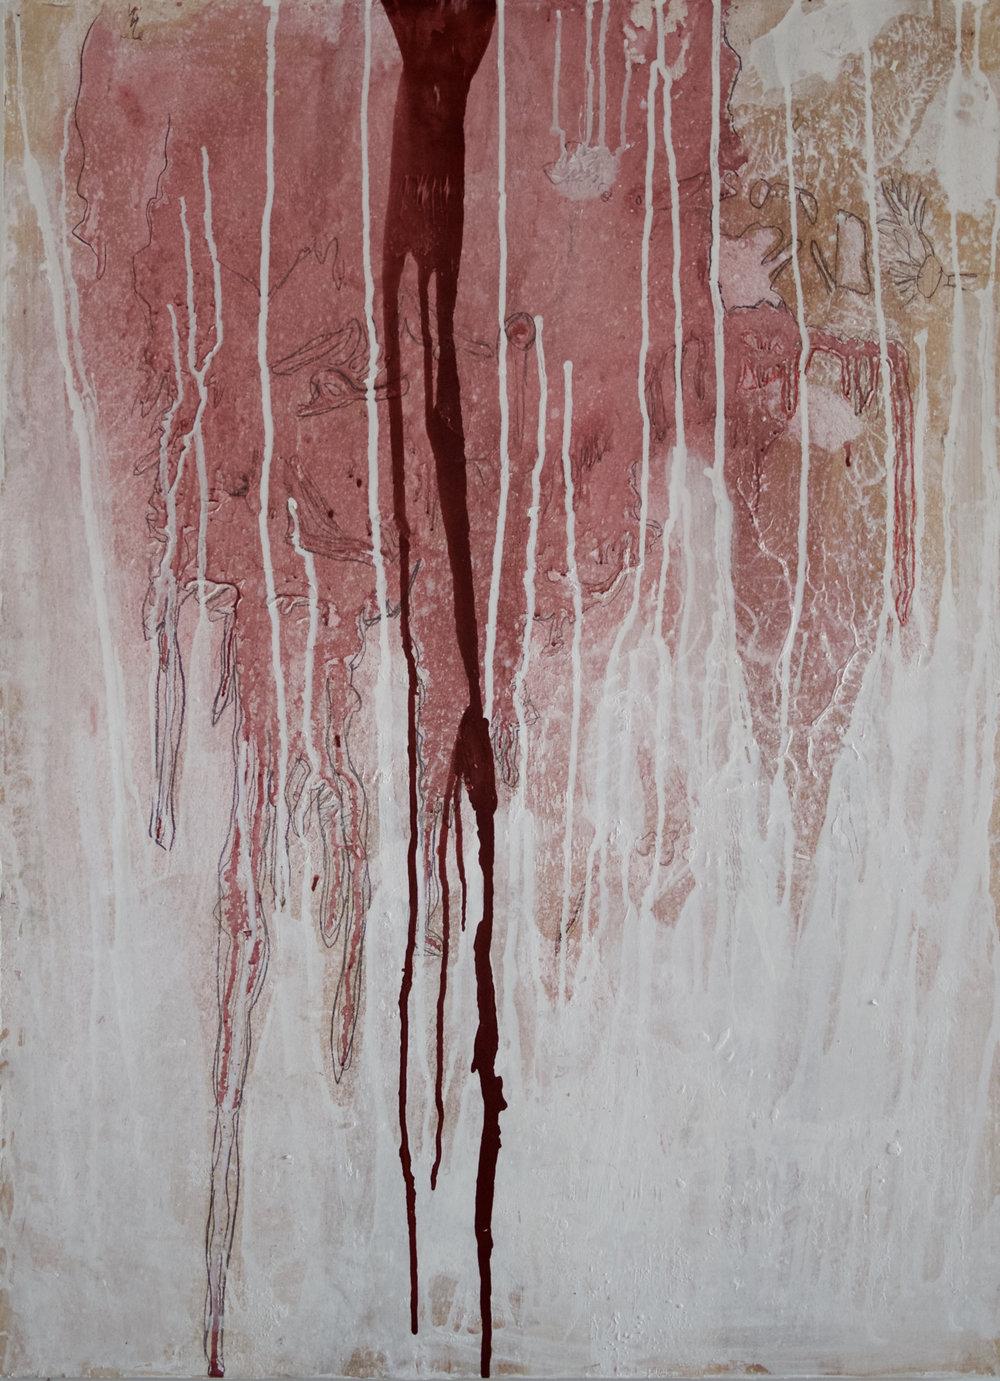 Untitled 1 (Pareidolia Series)